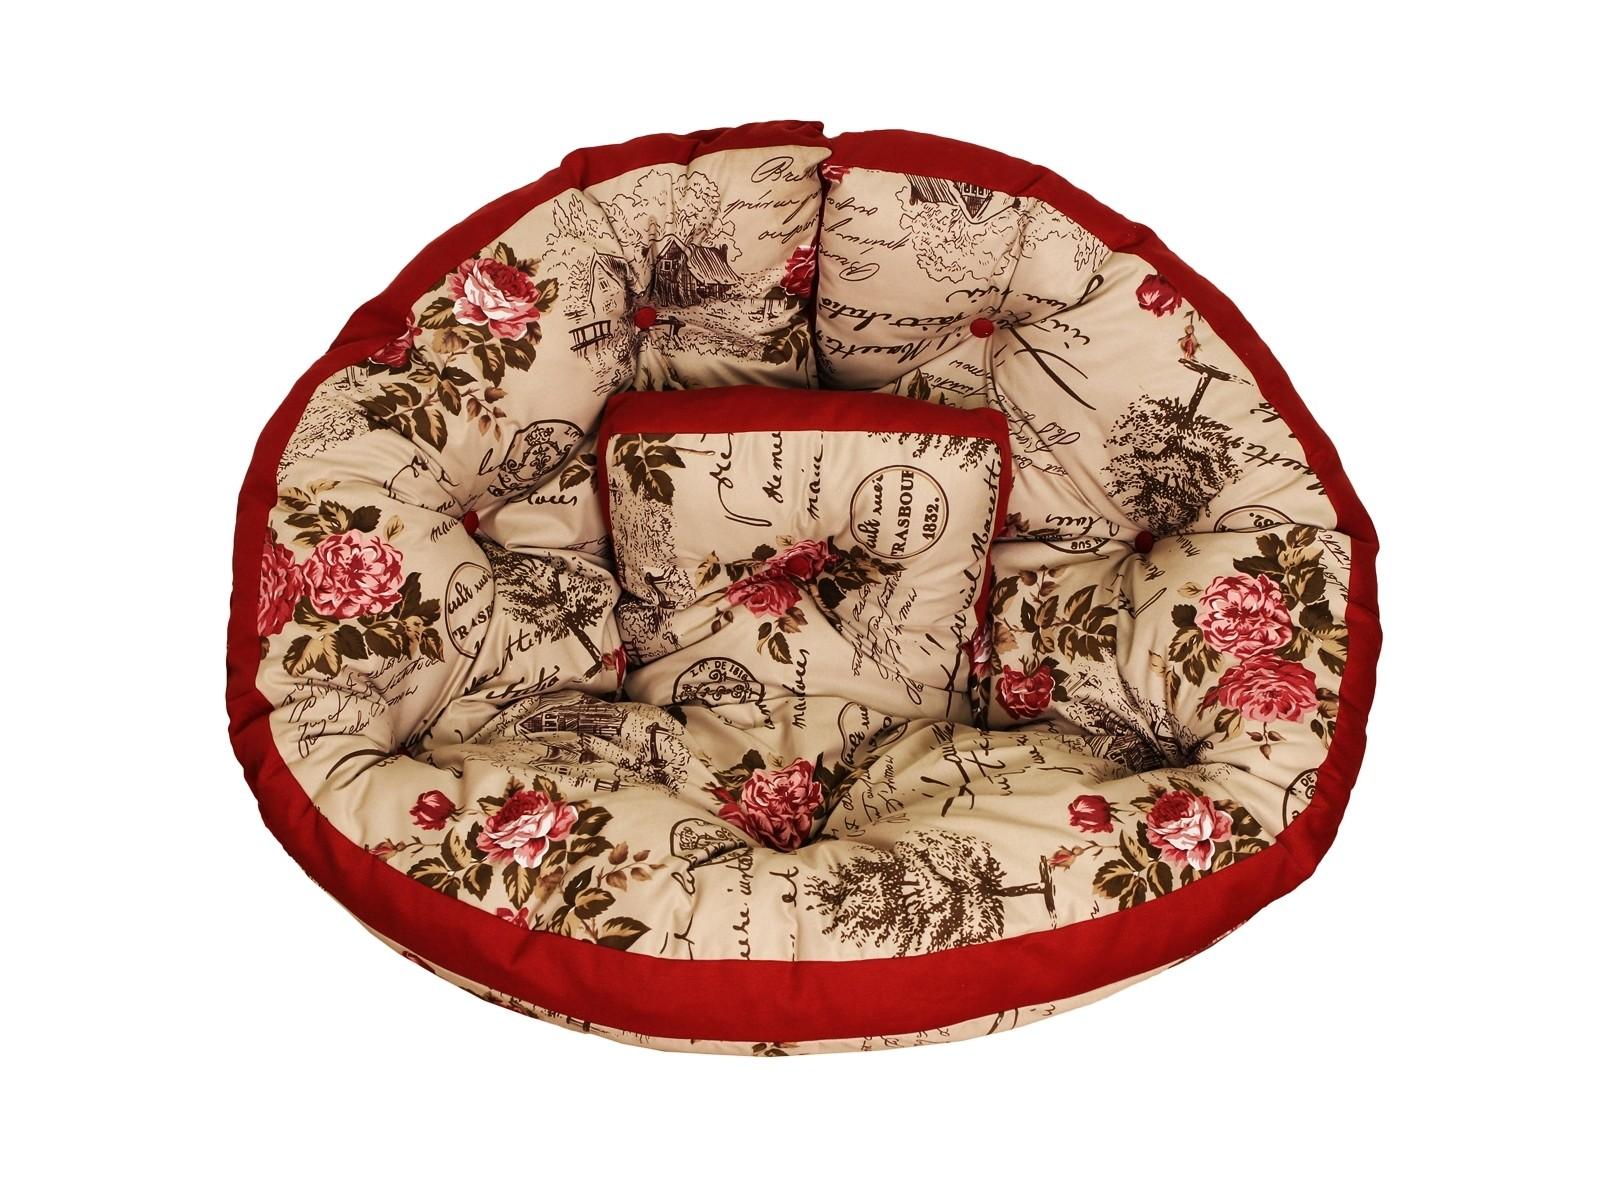 Кресло-футон ПровансКресла-мешки<br>Кресло-футон станет функциональной частью вашего интерьера. Вы можете уютно разместиться  в кресле или с легкостью превратить его в очень мягкий матрас-футон. Так же при помощи липучек вы можете соединить два футона и сделать один большой матрас для отдыха дома. &amp;lt;div&amp;gt;&amp;lt;br&amp;gt;&amp;lt;/div&amp;gt;&amp;lt;div&amp;gt;Размеры в разложенном виде: 200х100х10 см&amp;lt;br&amp;gt;&amp;lt;/div&amp;gt;<br><br>Material: Хлопок<br>Width см: 100<br>Depth см: 65<br>Height см: 75